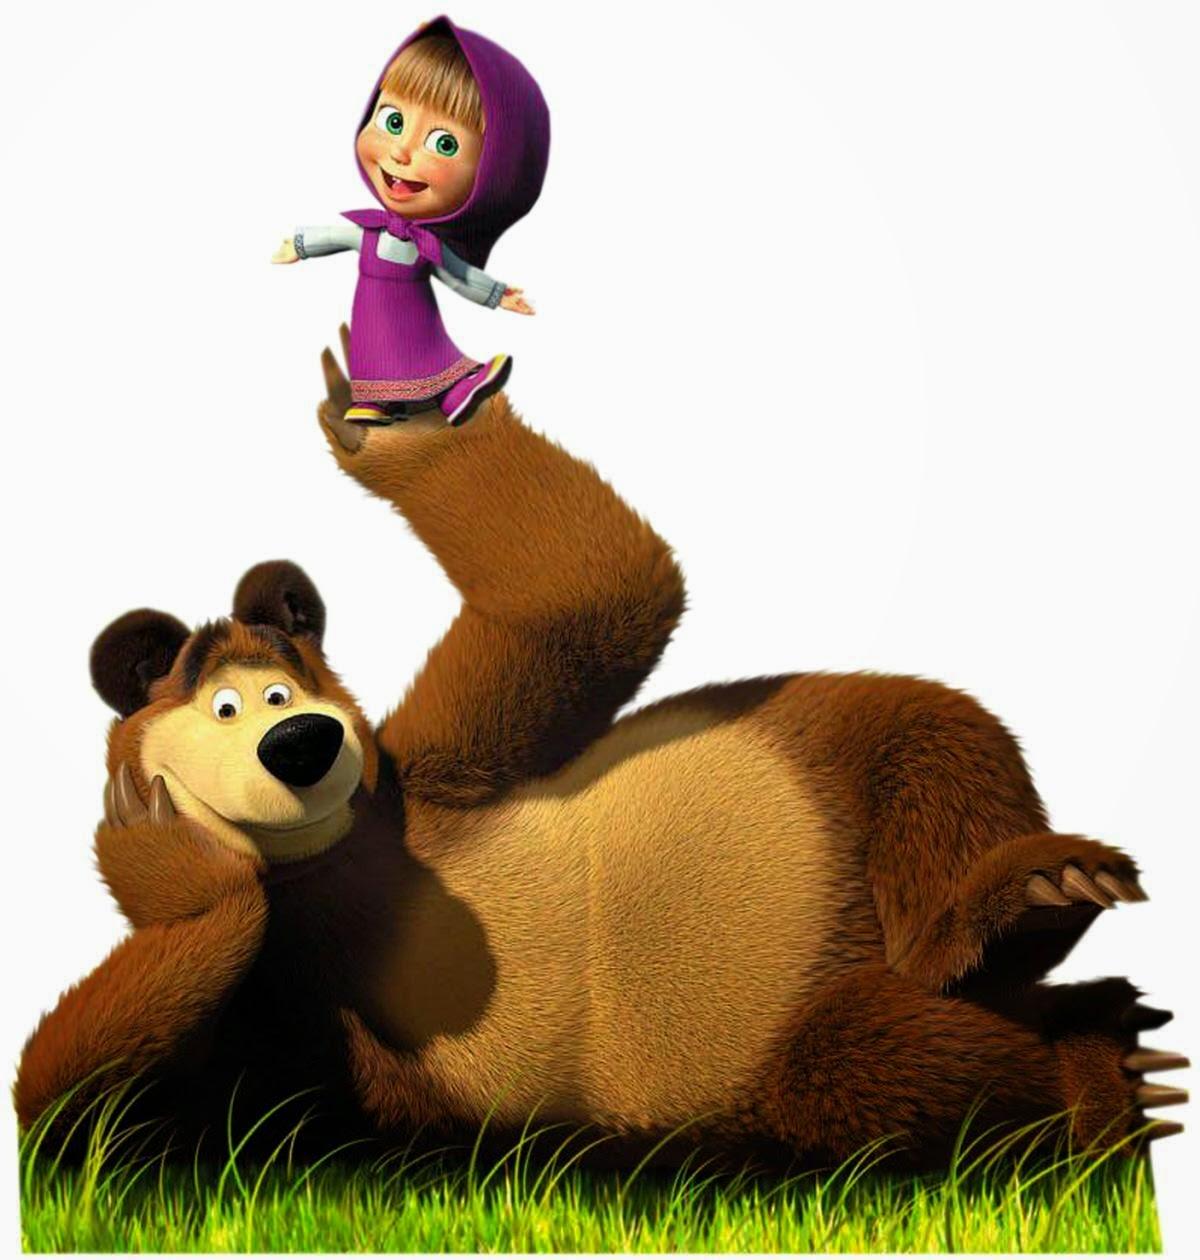 Gambar Lucu Kartun Masha And The Bear